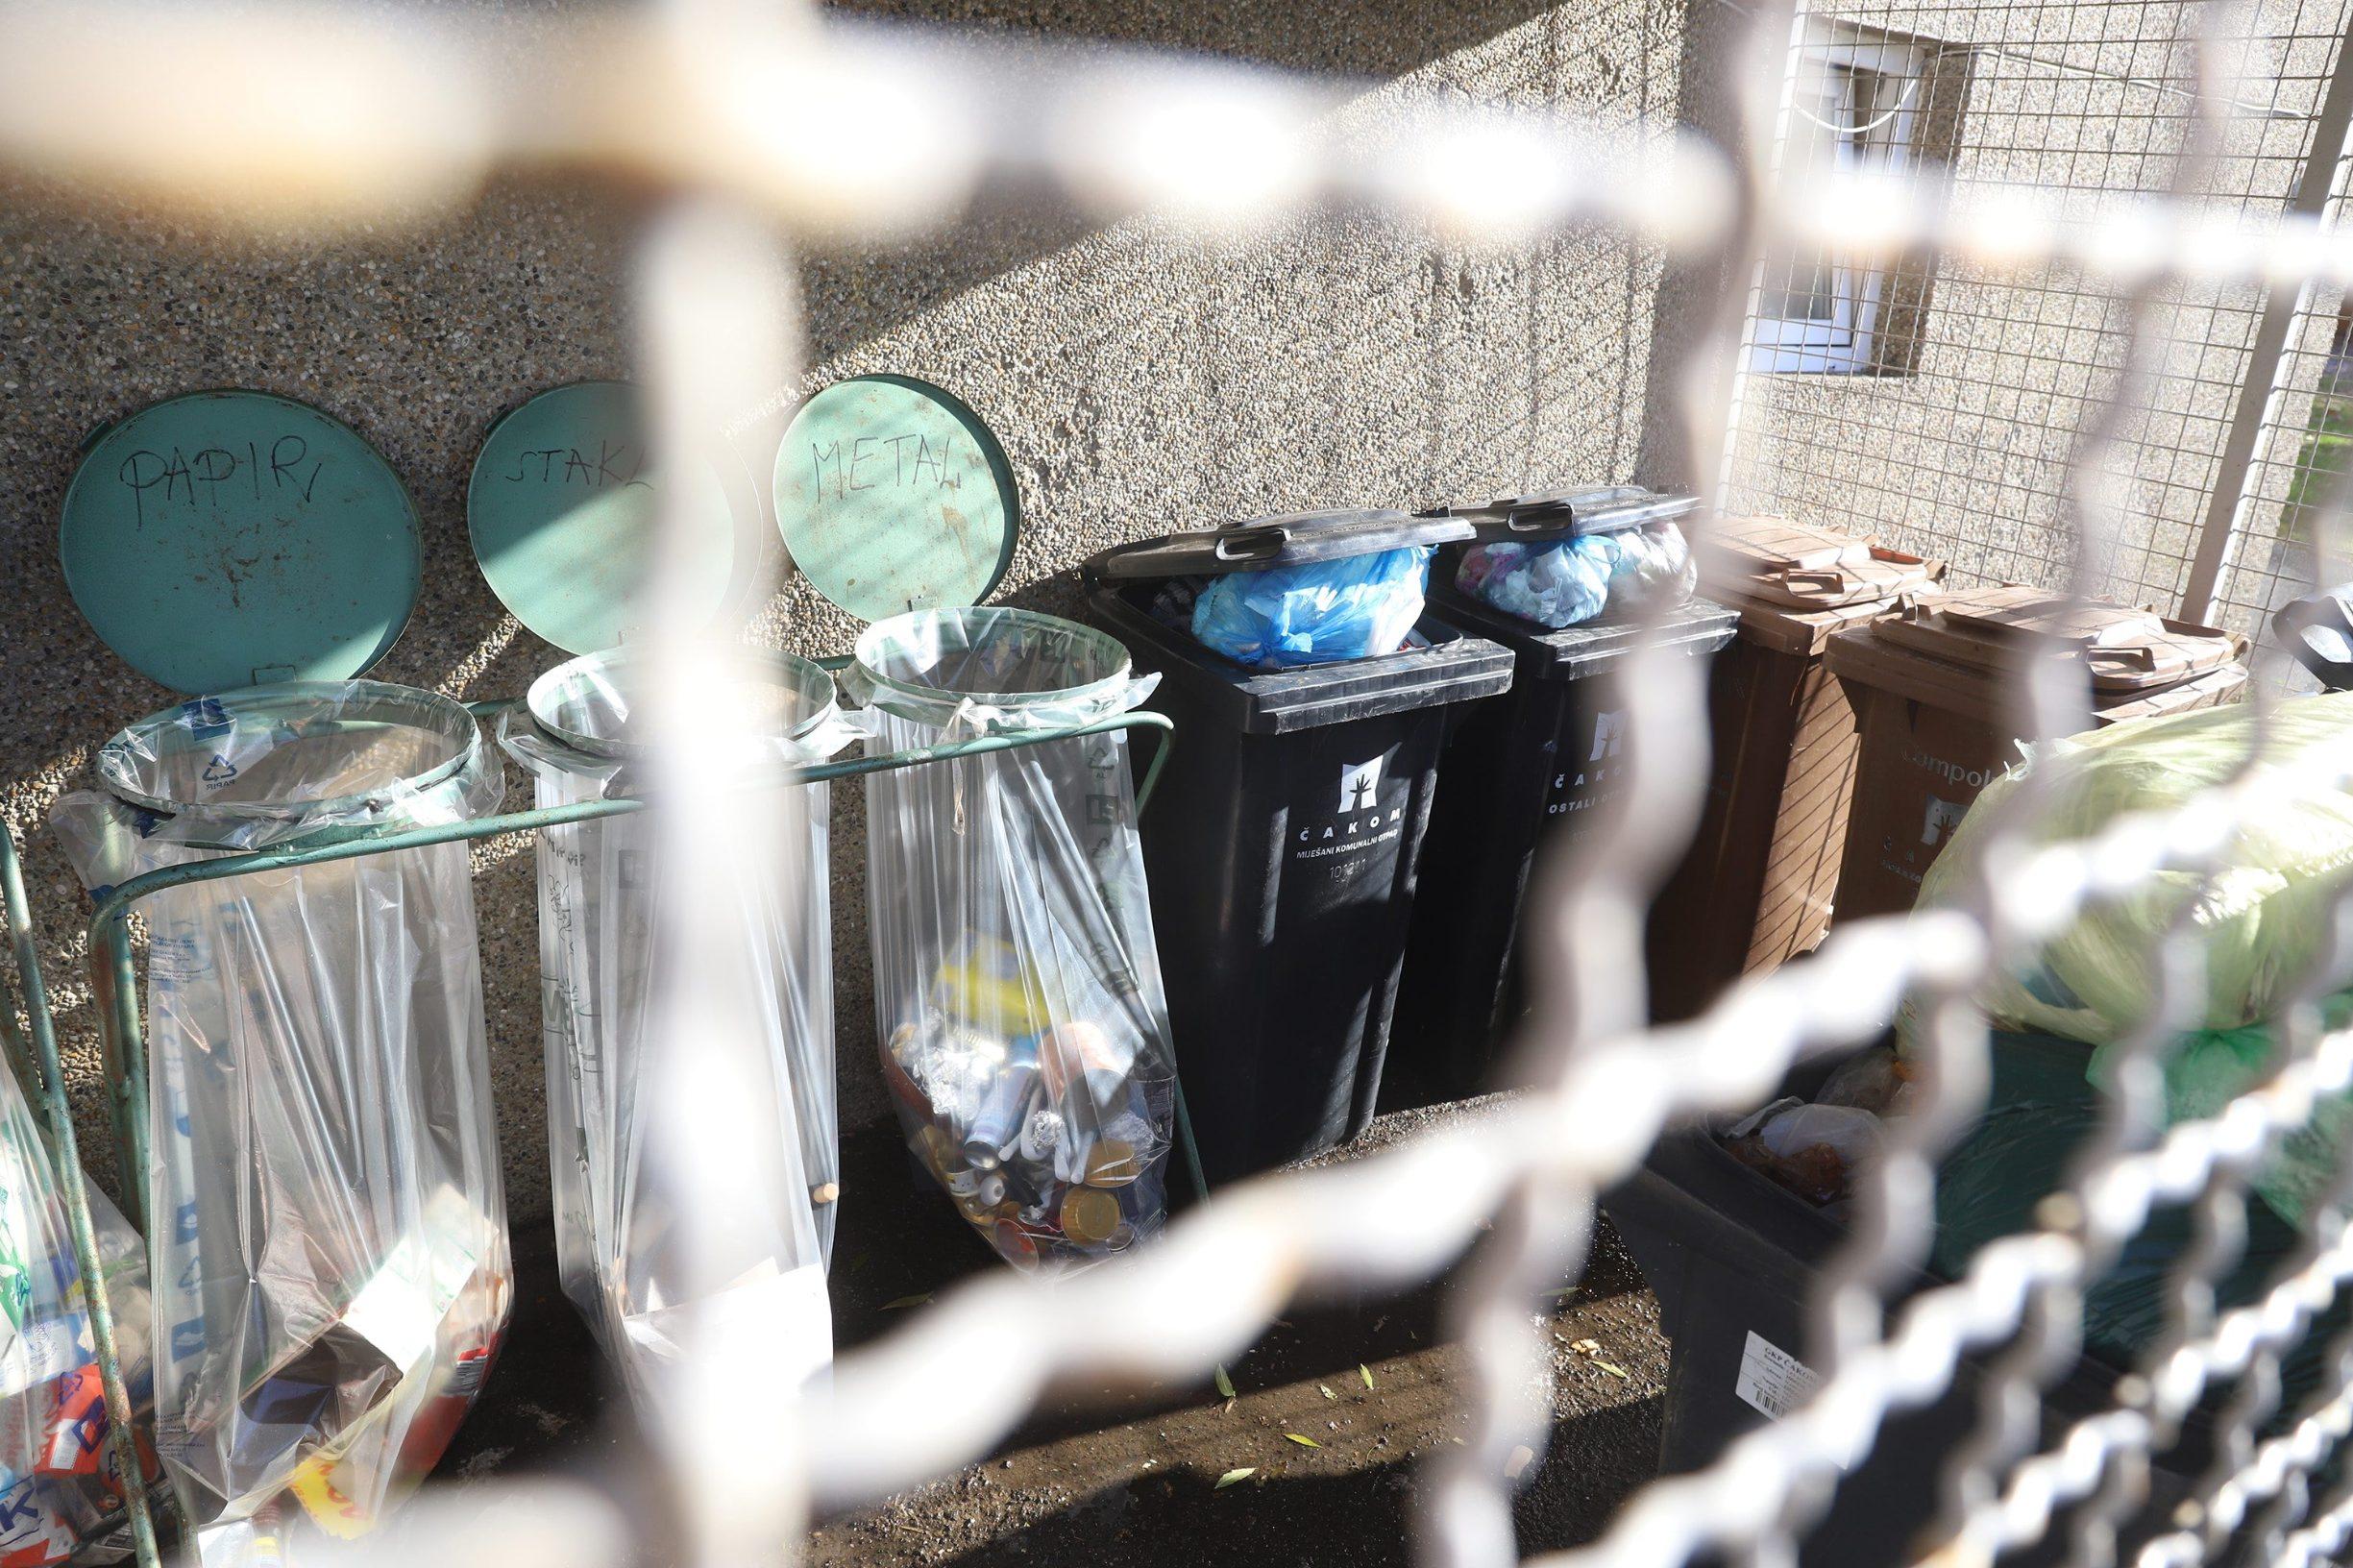 Cakovec, 181119. Reportaza o razvrstavanju otpada u Cakovcu. Na fotografiji: spremnici za smece. Foto: Zeljko Hajdinjak / CROPIX